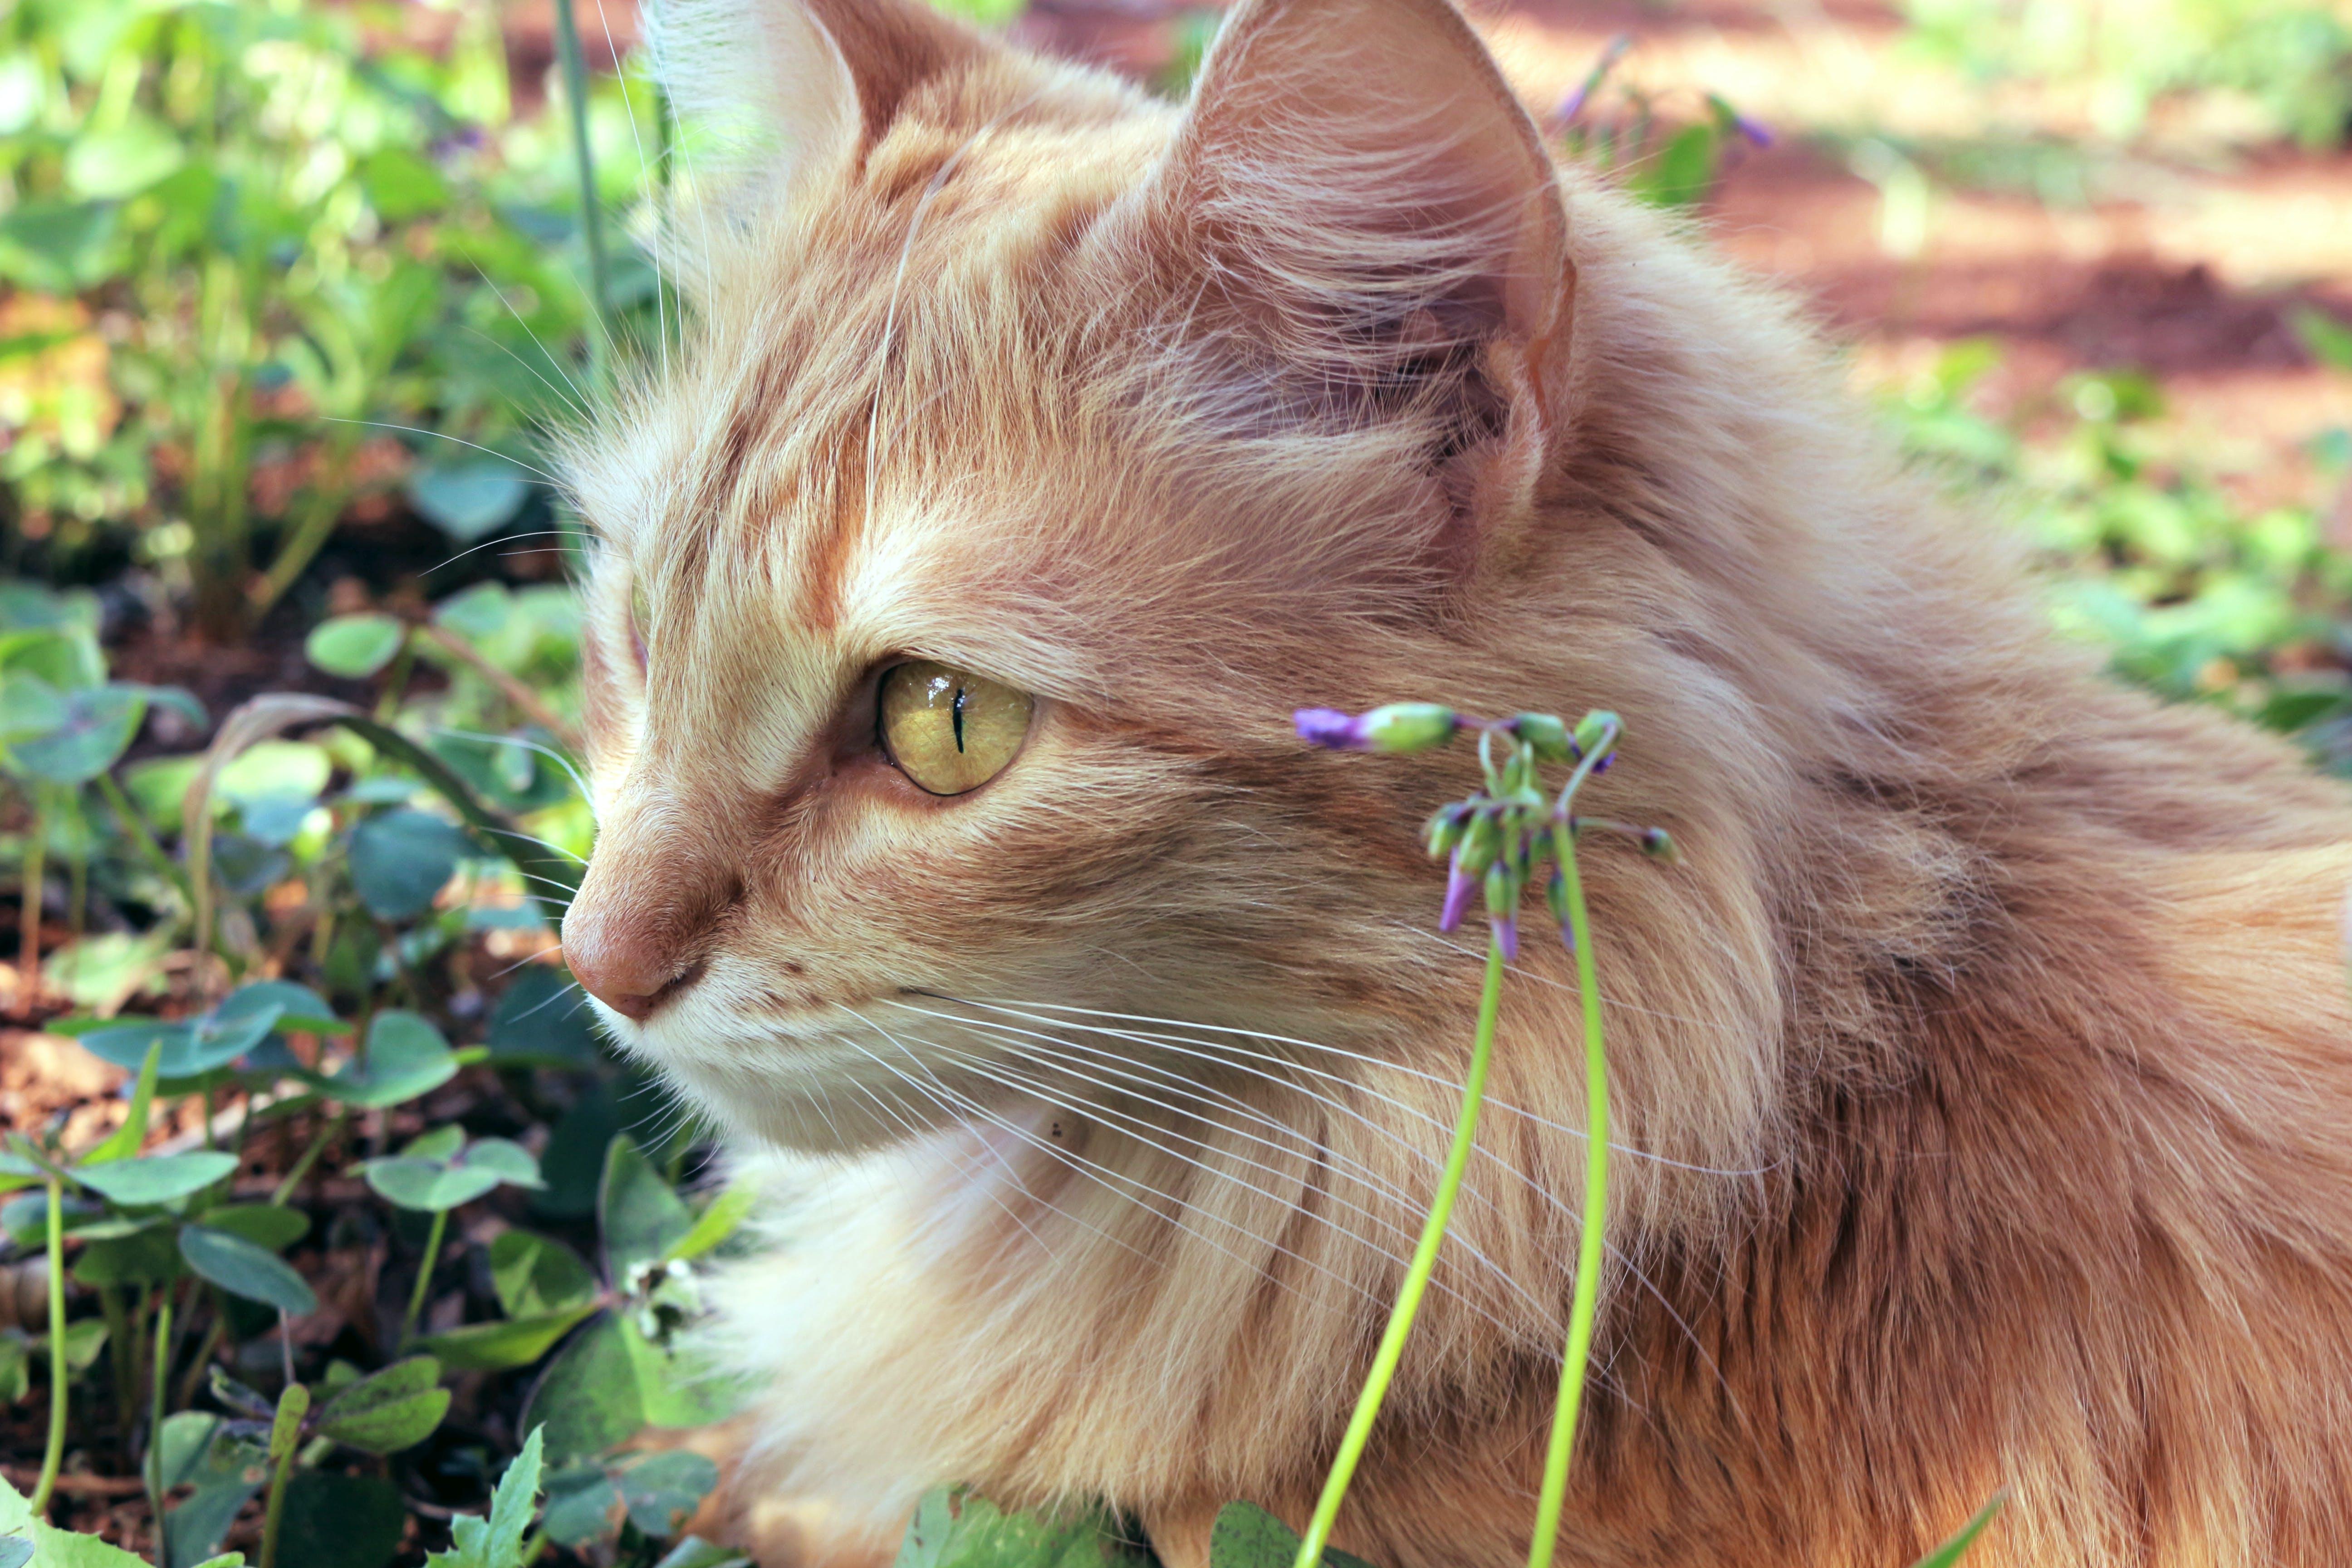 Cat Beside Purple Flower Bud